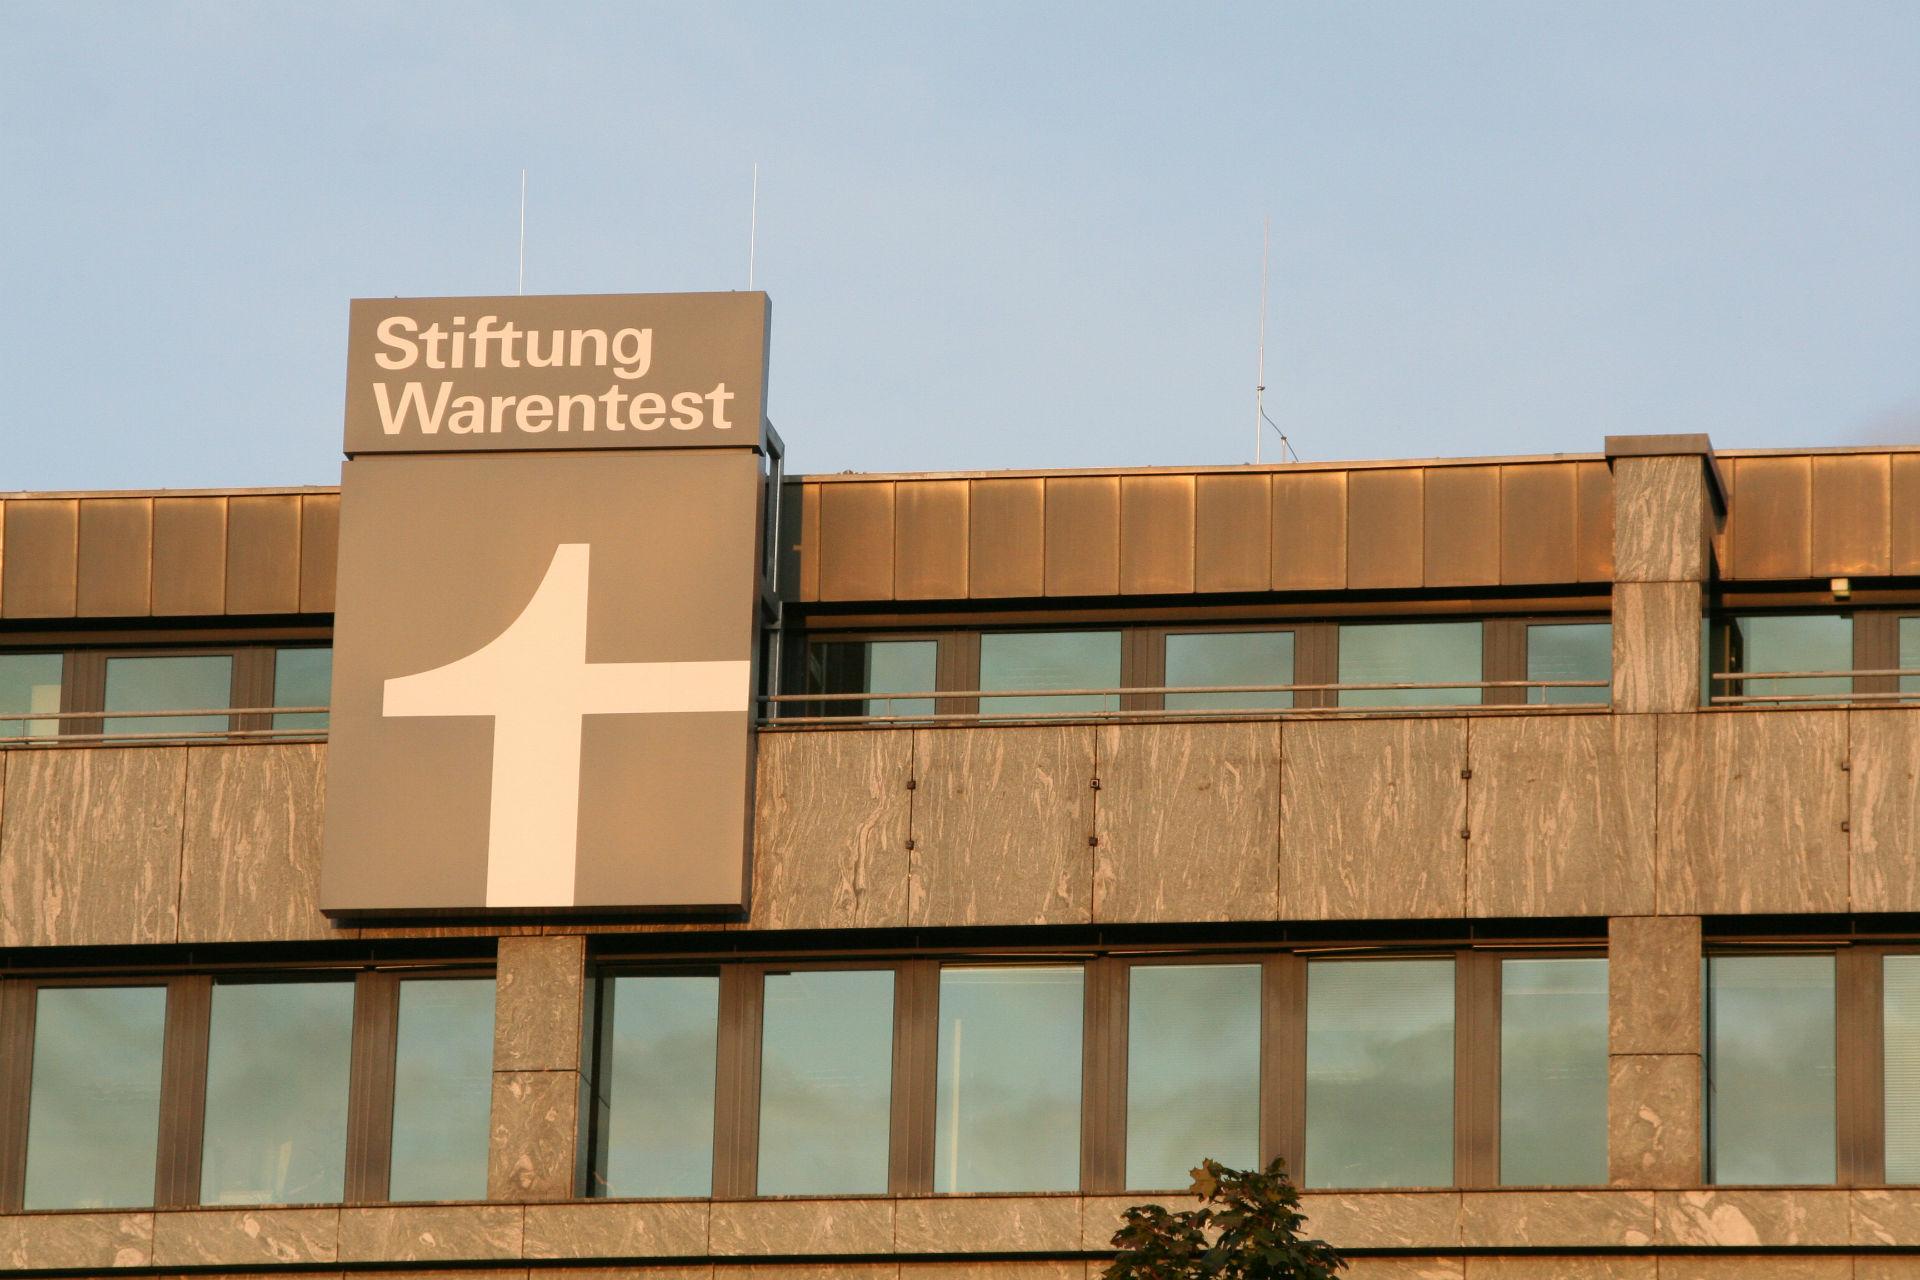 Gebäude der Stiftung Warentest